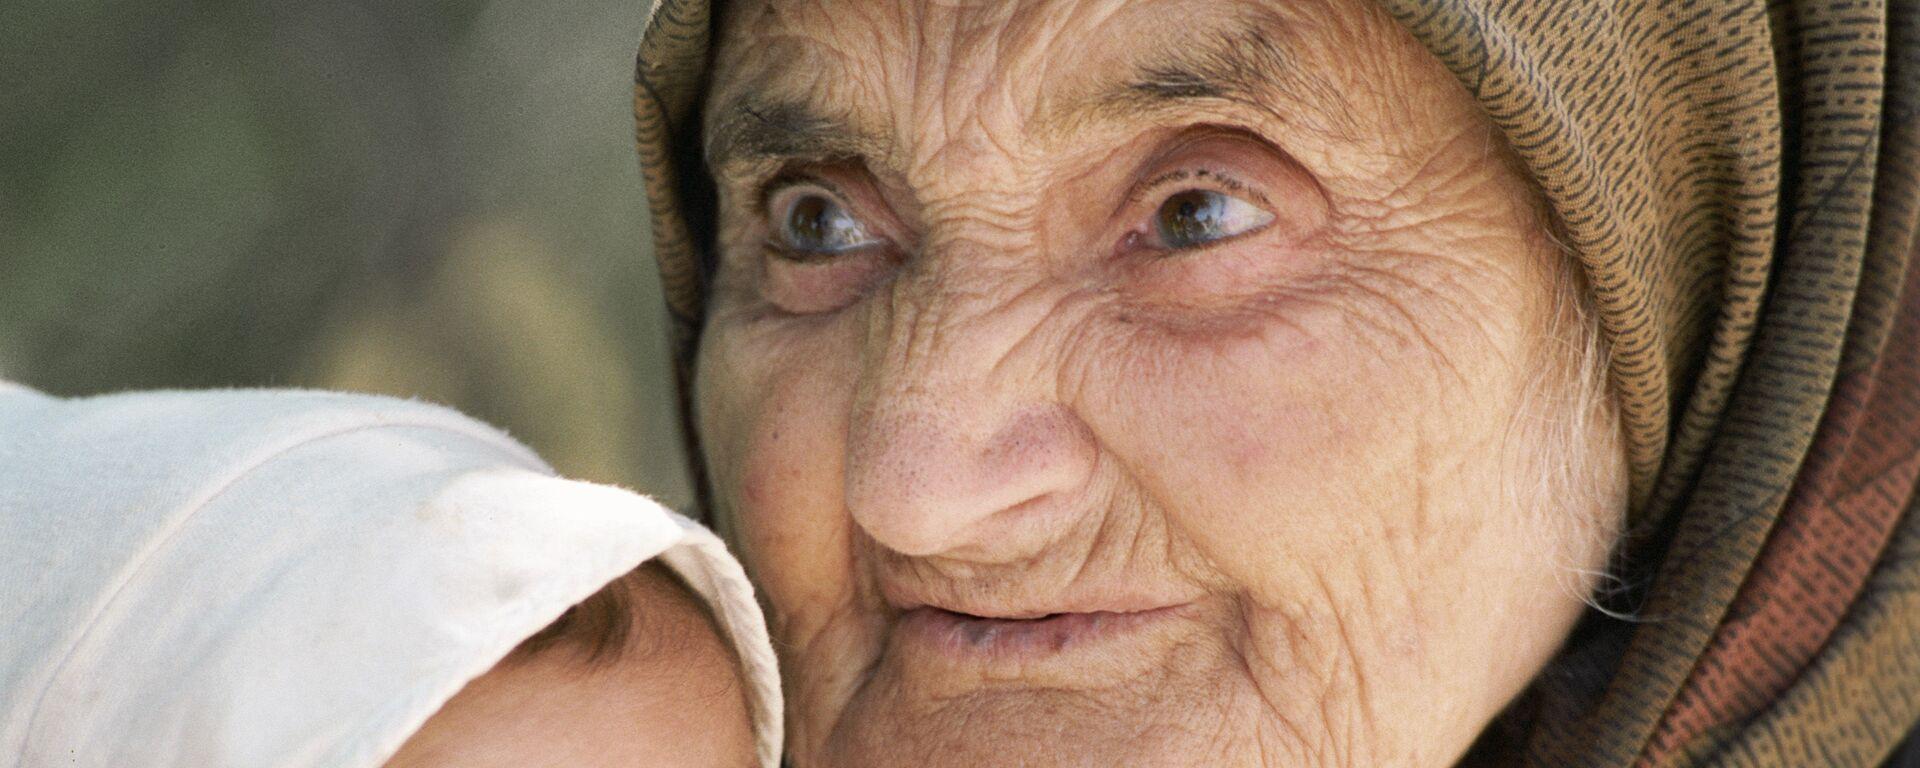 Старая женщина и ребенок - Sputnik Таджикистан, 1920, 21.07.2021